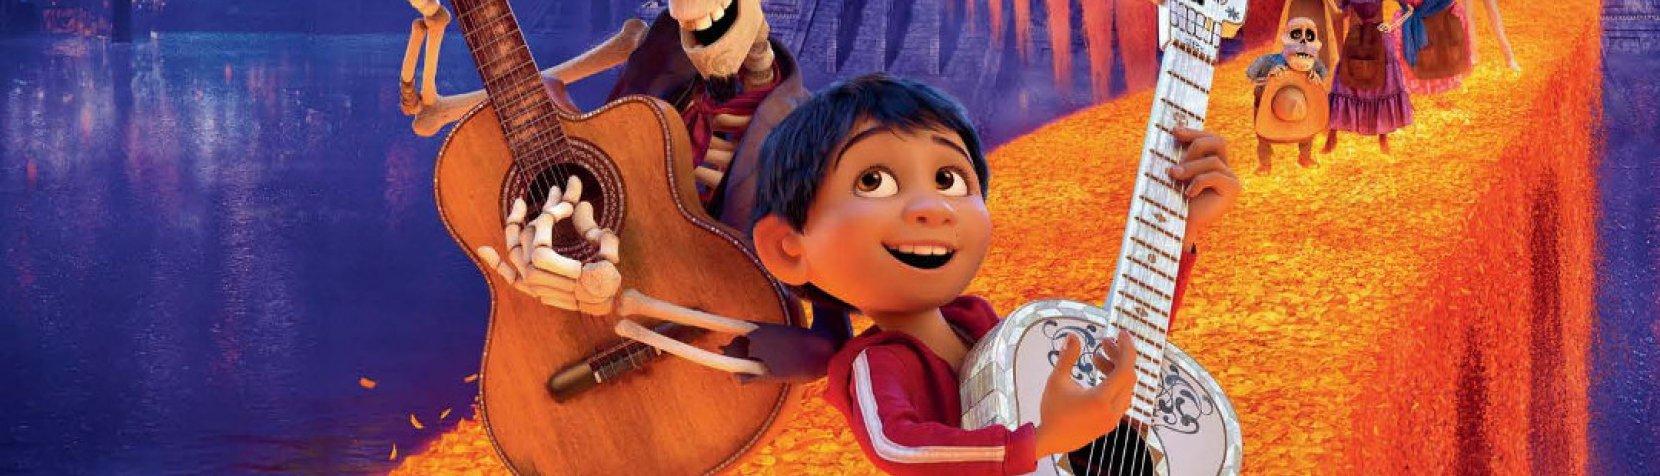 Foto: Plakat 'Coco' - en børnefilm